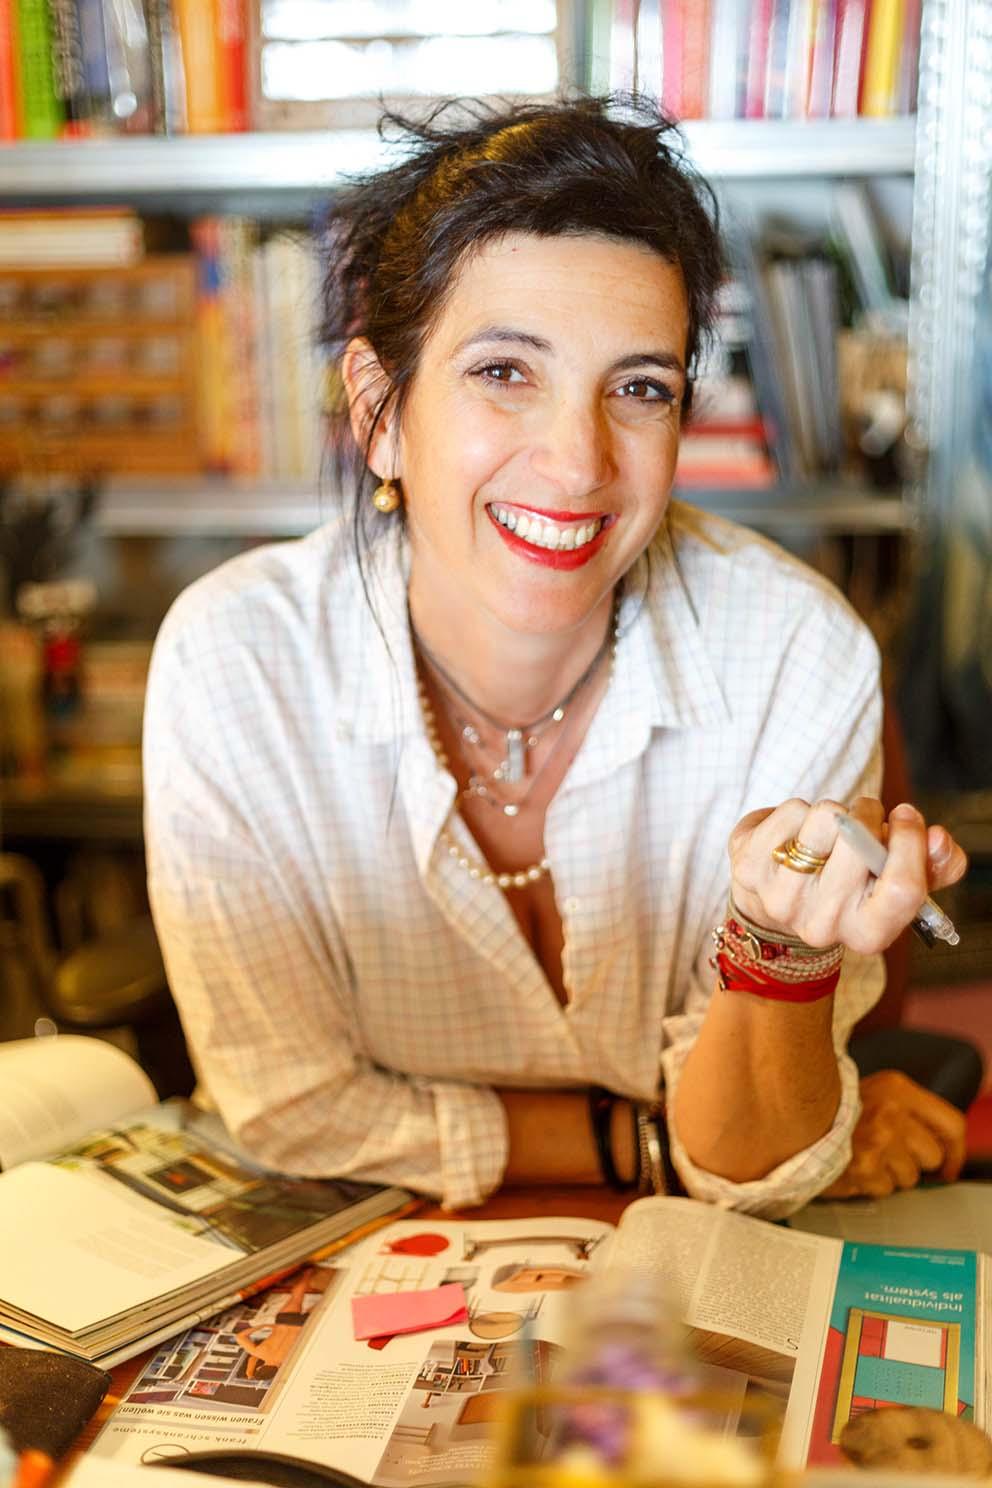 ביקור אצל גלית הירשפלד, צילום: אורית ארנון, www.pnim.co.il